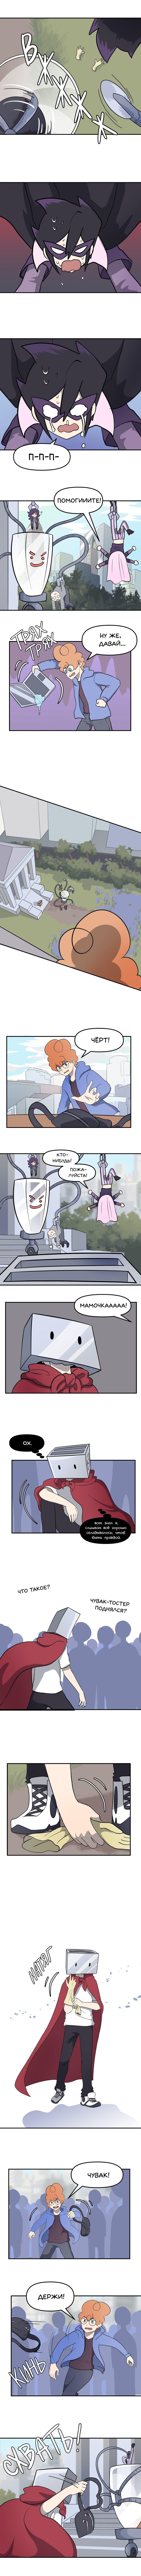 Манга Чувак-тостер - Глава 38 Страница 1